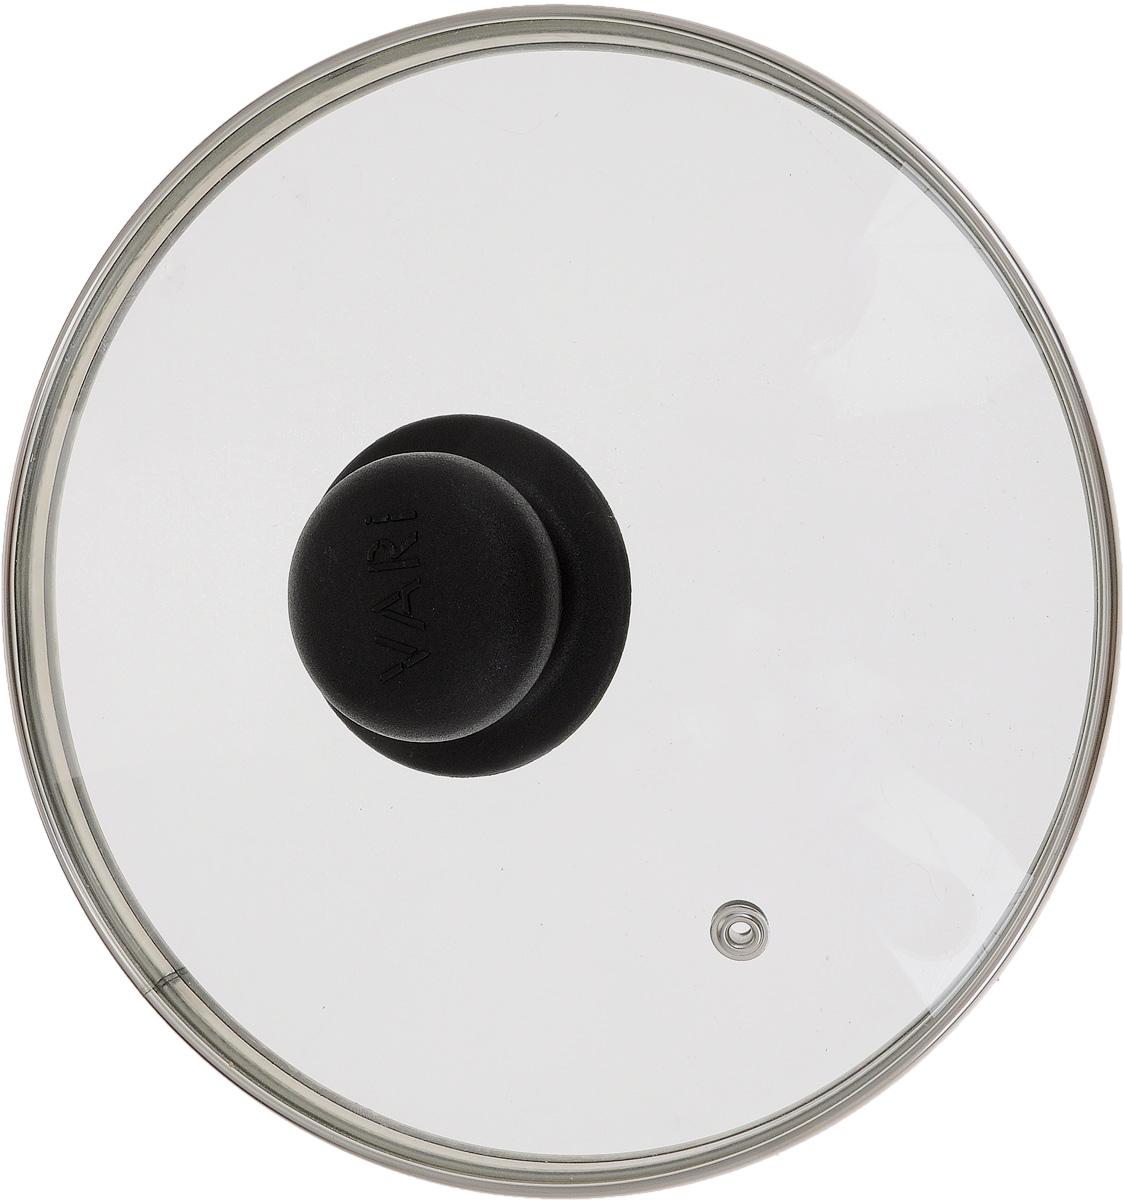 Крышка Vari, диаметр 20 см391602Крышка Vari изготовлена из жаропрочного стекла с ободом из нержавеющей стали и пластиковой ручкой. Она оснащена отверстием для выпуска пара. Окантовка предохраняет от механических повреждений. Изделие удобно в использовании и позволяет контролировать процесс приготовления пищи.